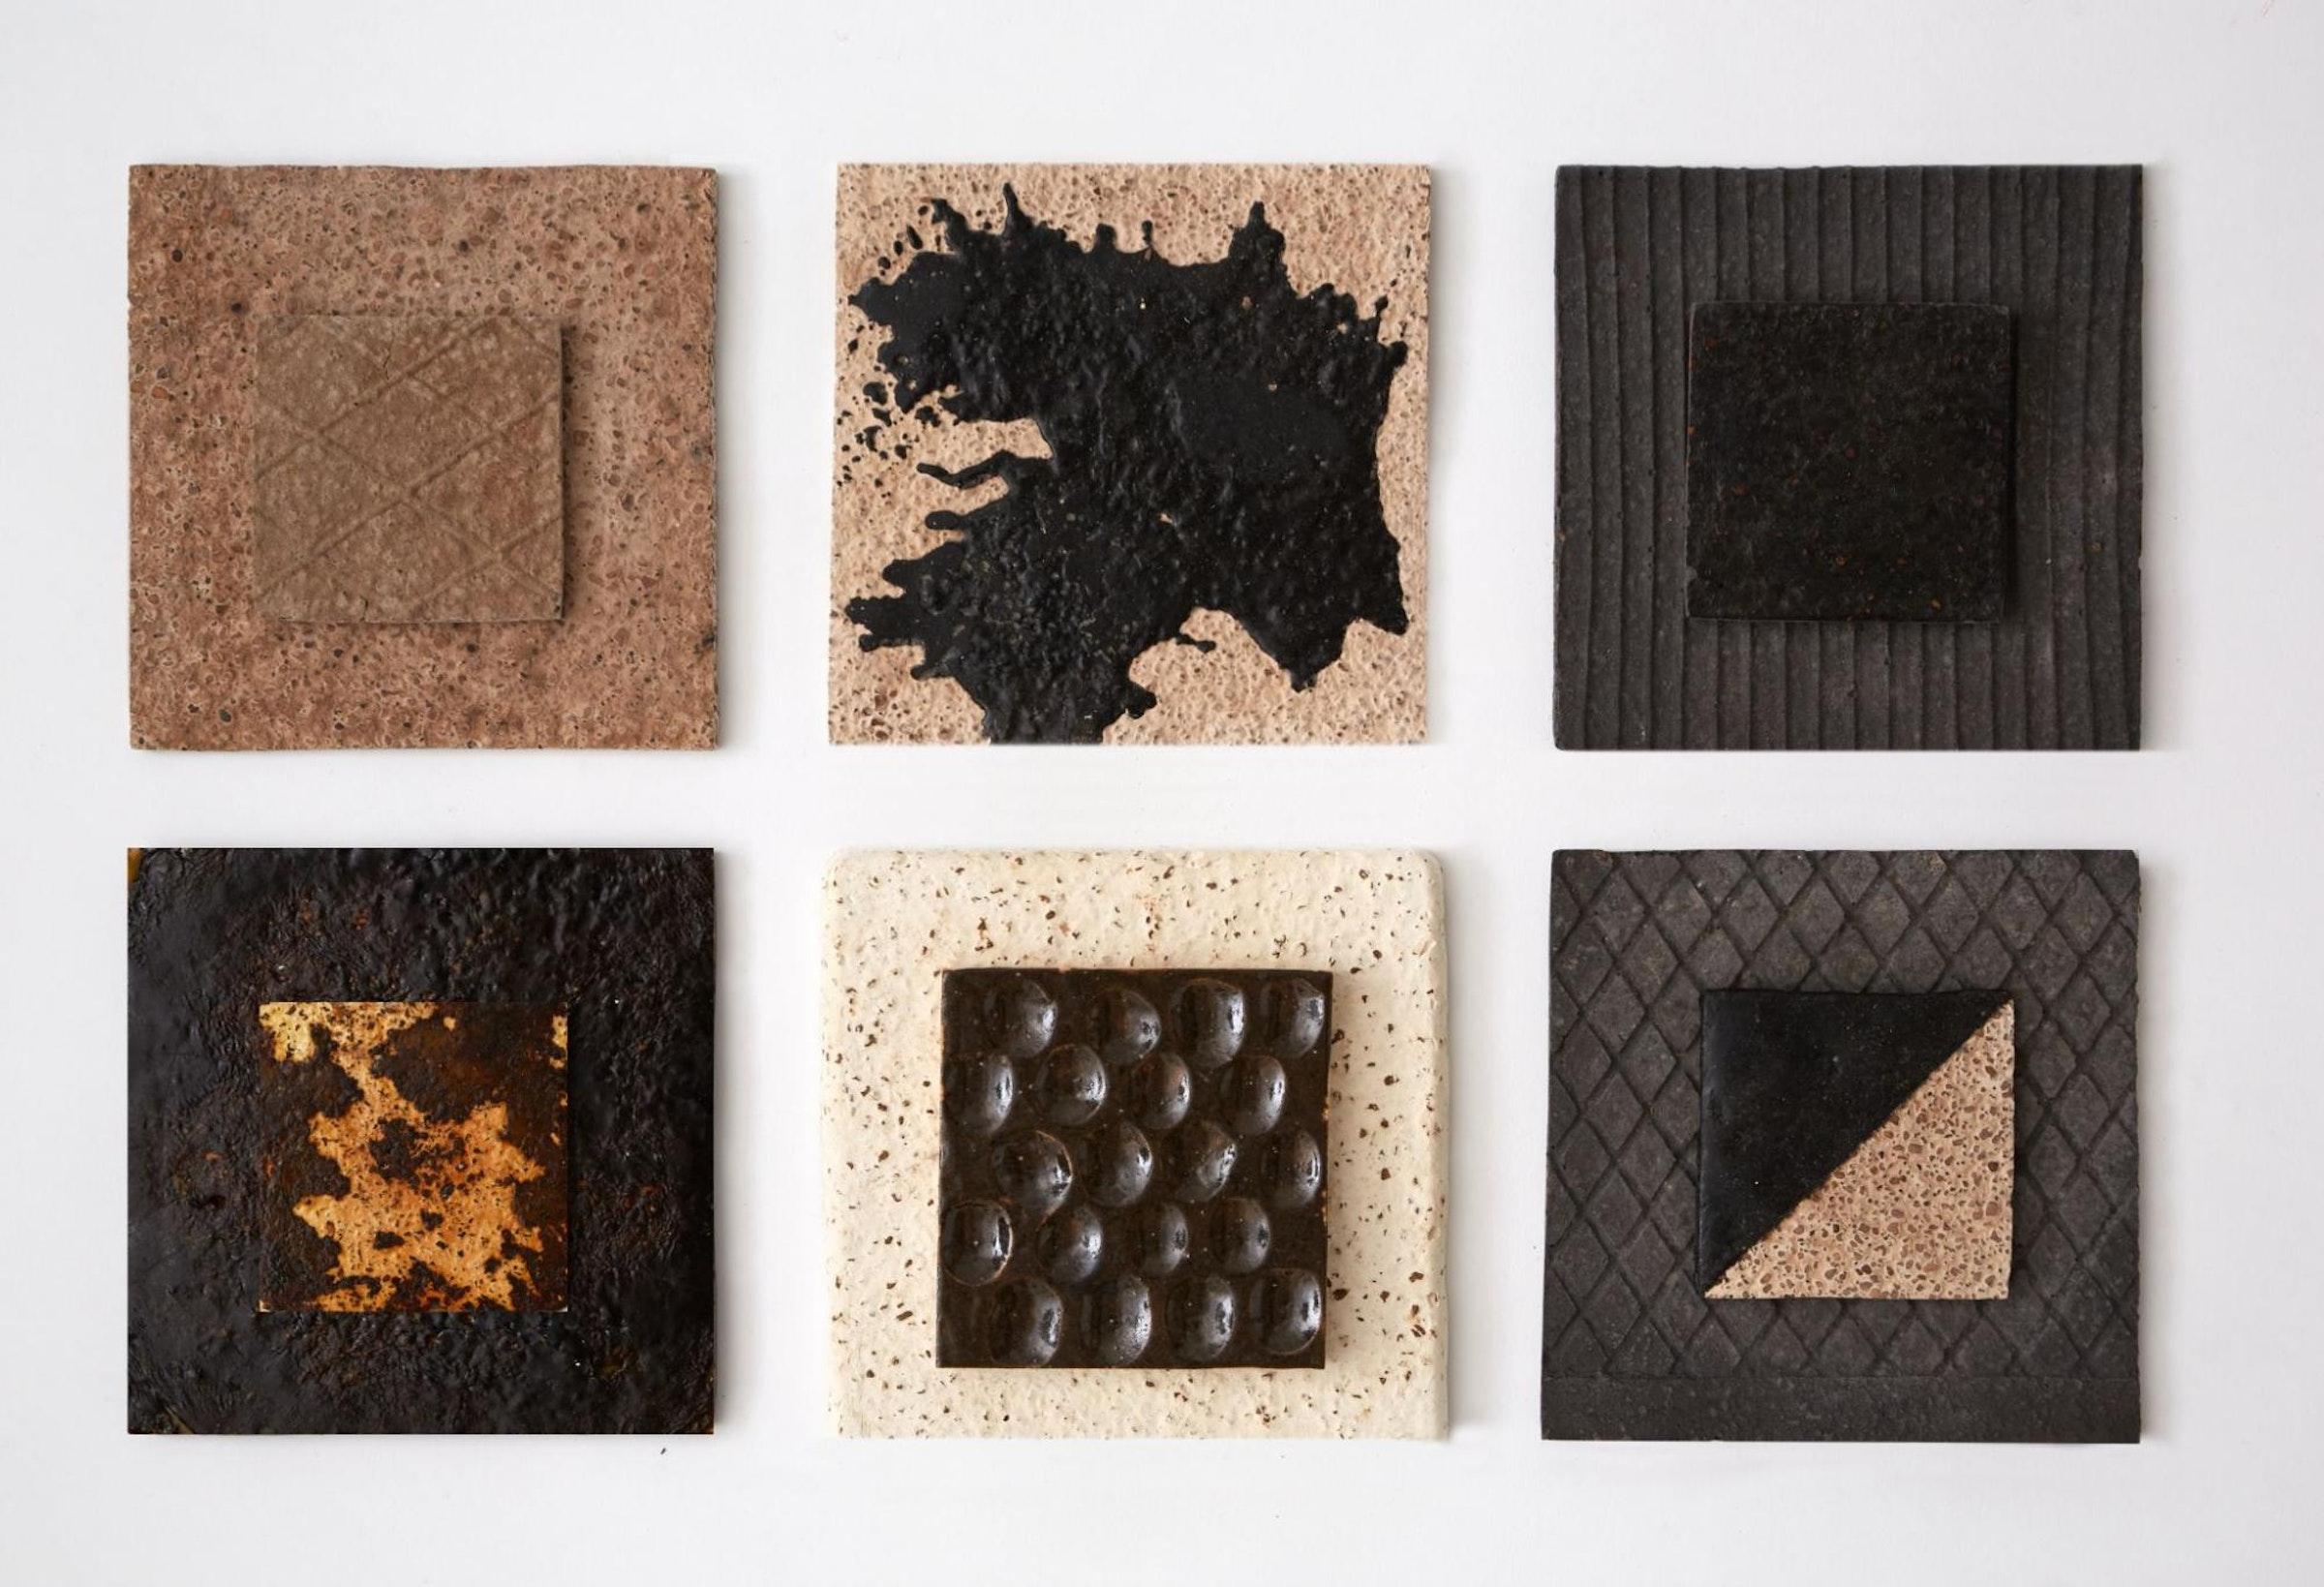 画像: 「Lusoluxo」  by Riina Oun (MA Material Futures) and Olivia Page (MARCH: Architecture),  a Maison/0 project developed for LVMH Climate Week 2020.